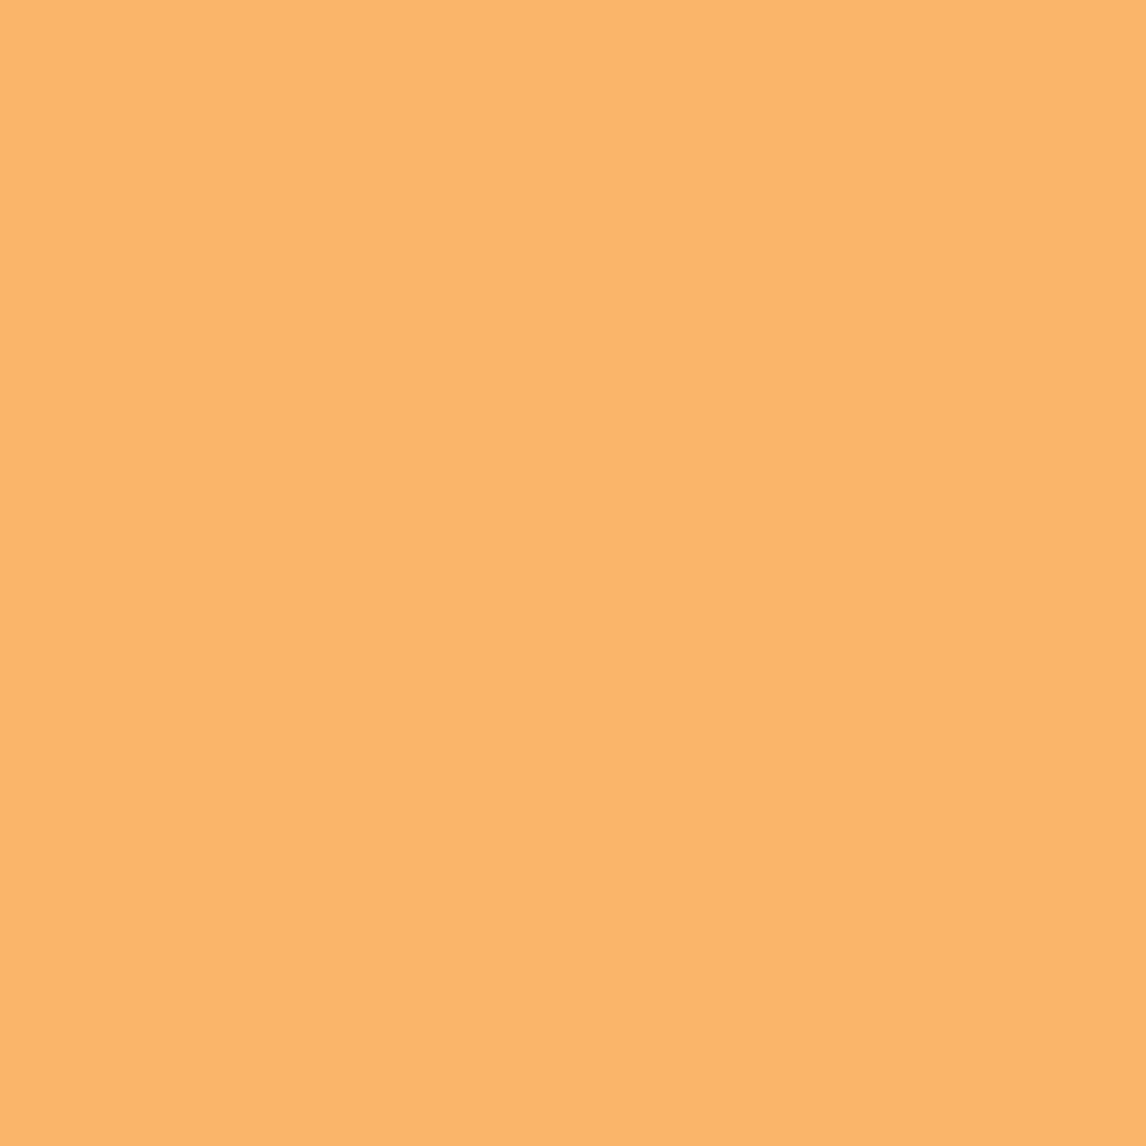 Orange - Tangerine 150gsm